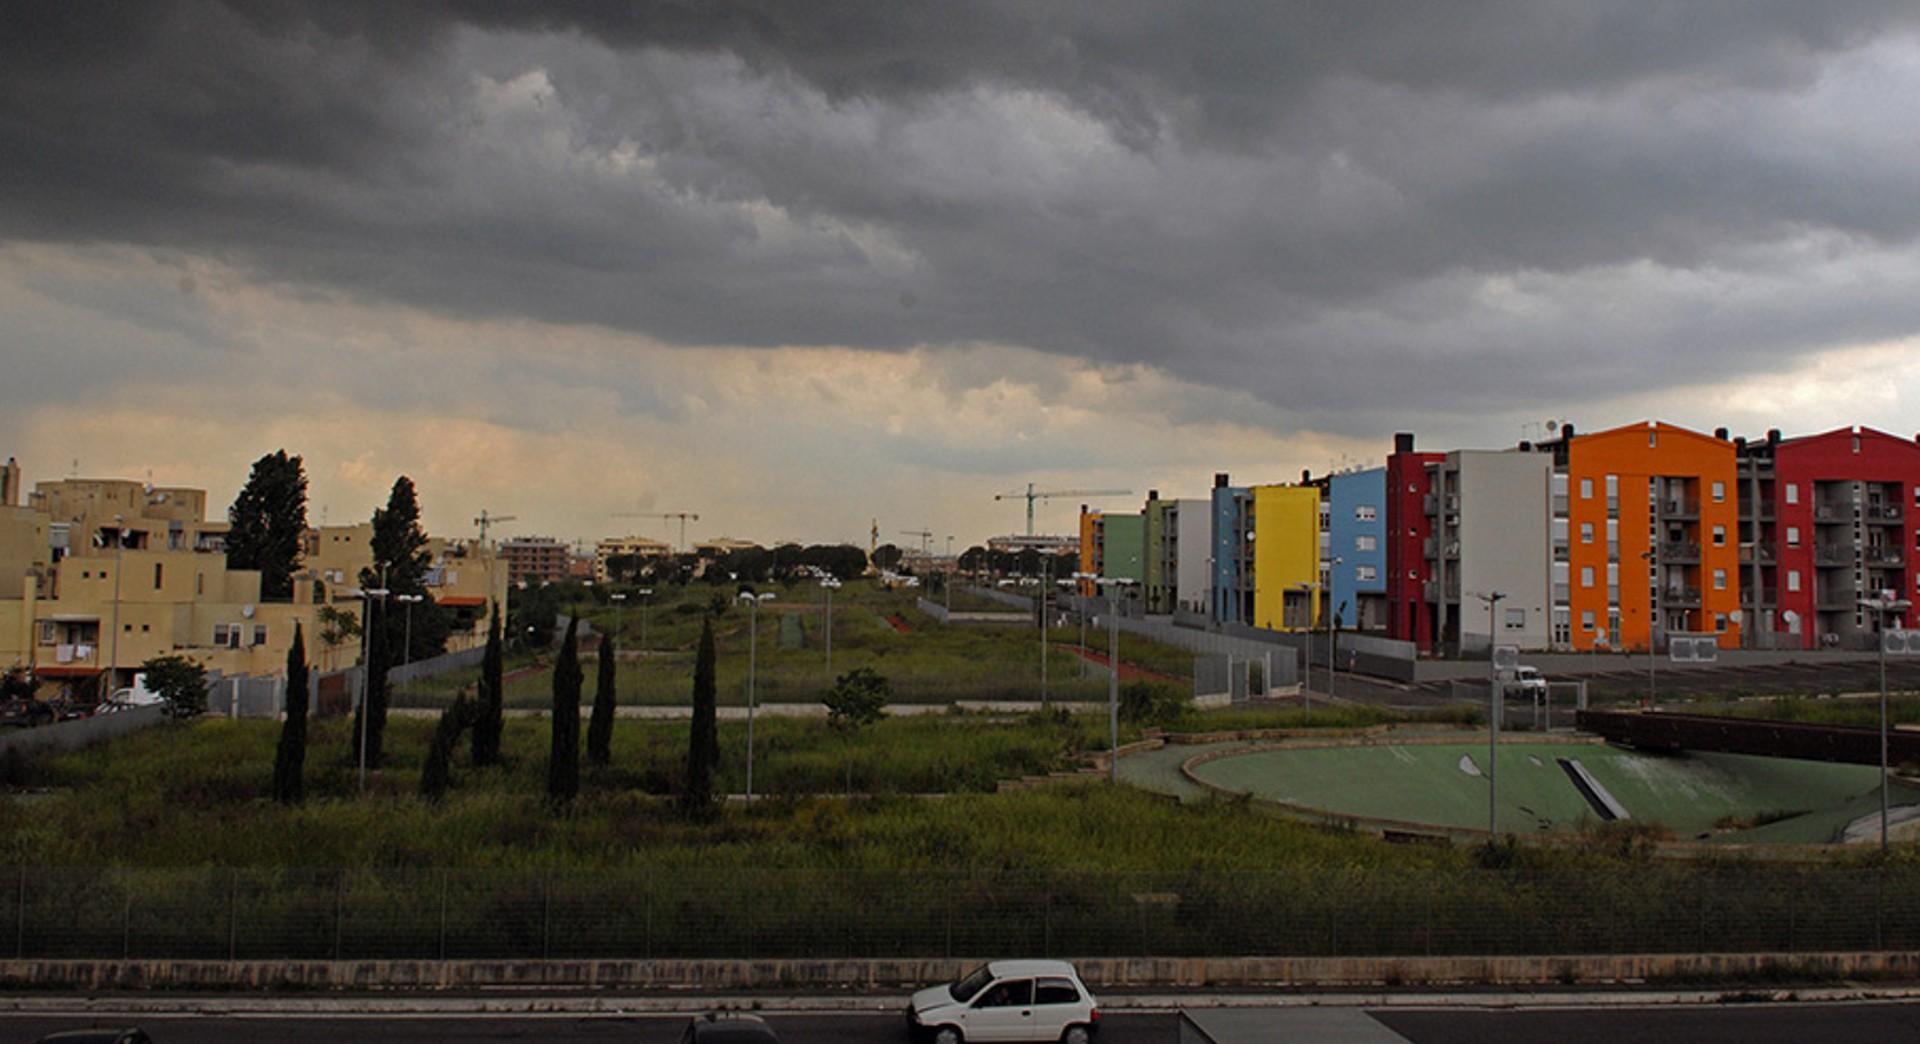 immagine della periferia di Roma.